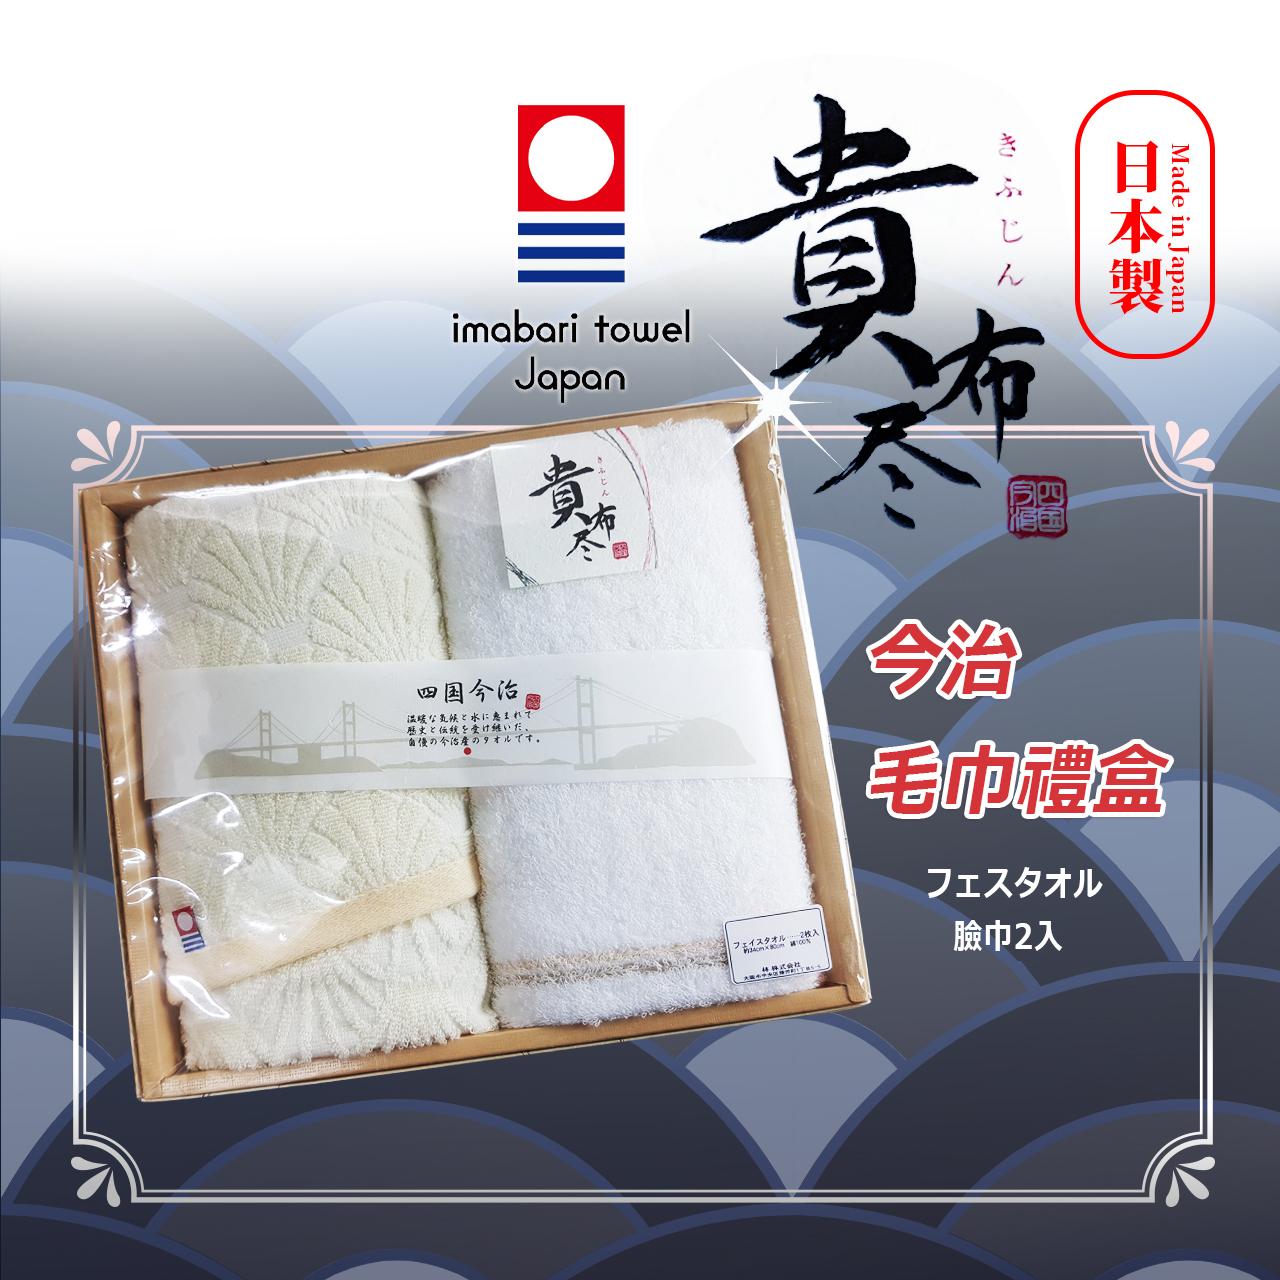 《HOYA-Life日本生活館》日本製 四國 今治 純棉 吸水 毛巾 面巾 產地直送 禮盒 貴布冬